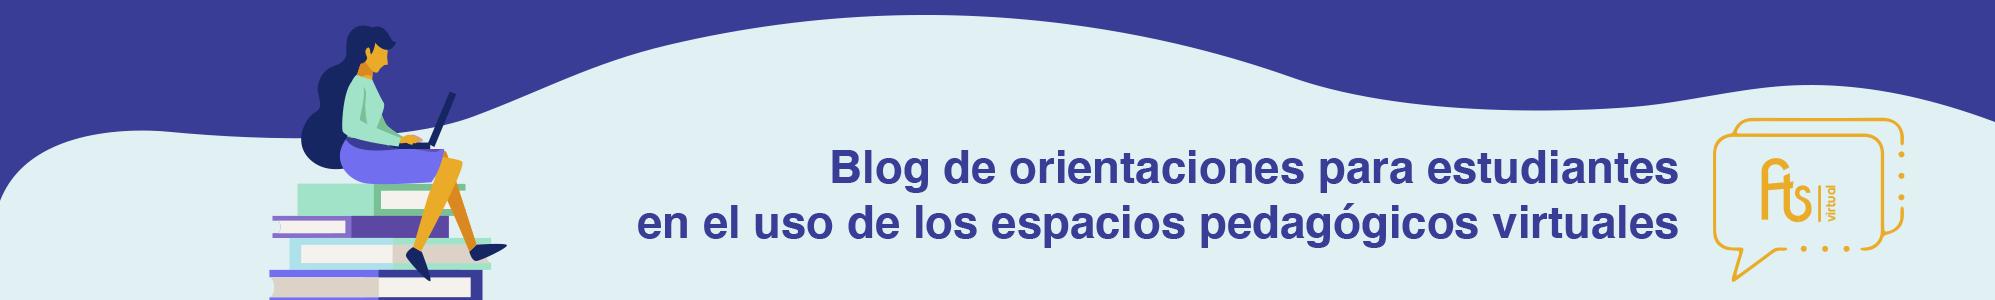 Blog de orientaciones para estudiantes en el uso de los espacios pedagógicos virtuales